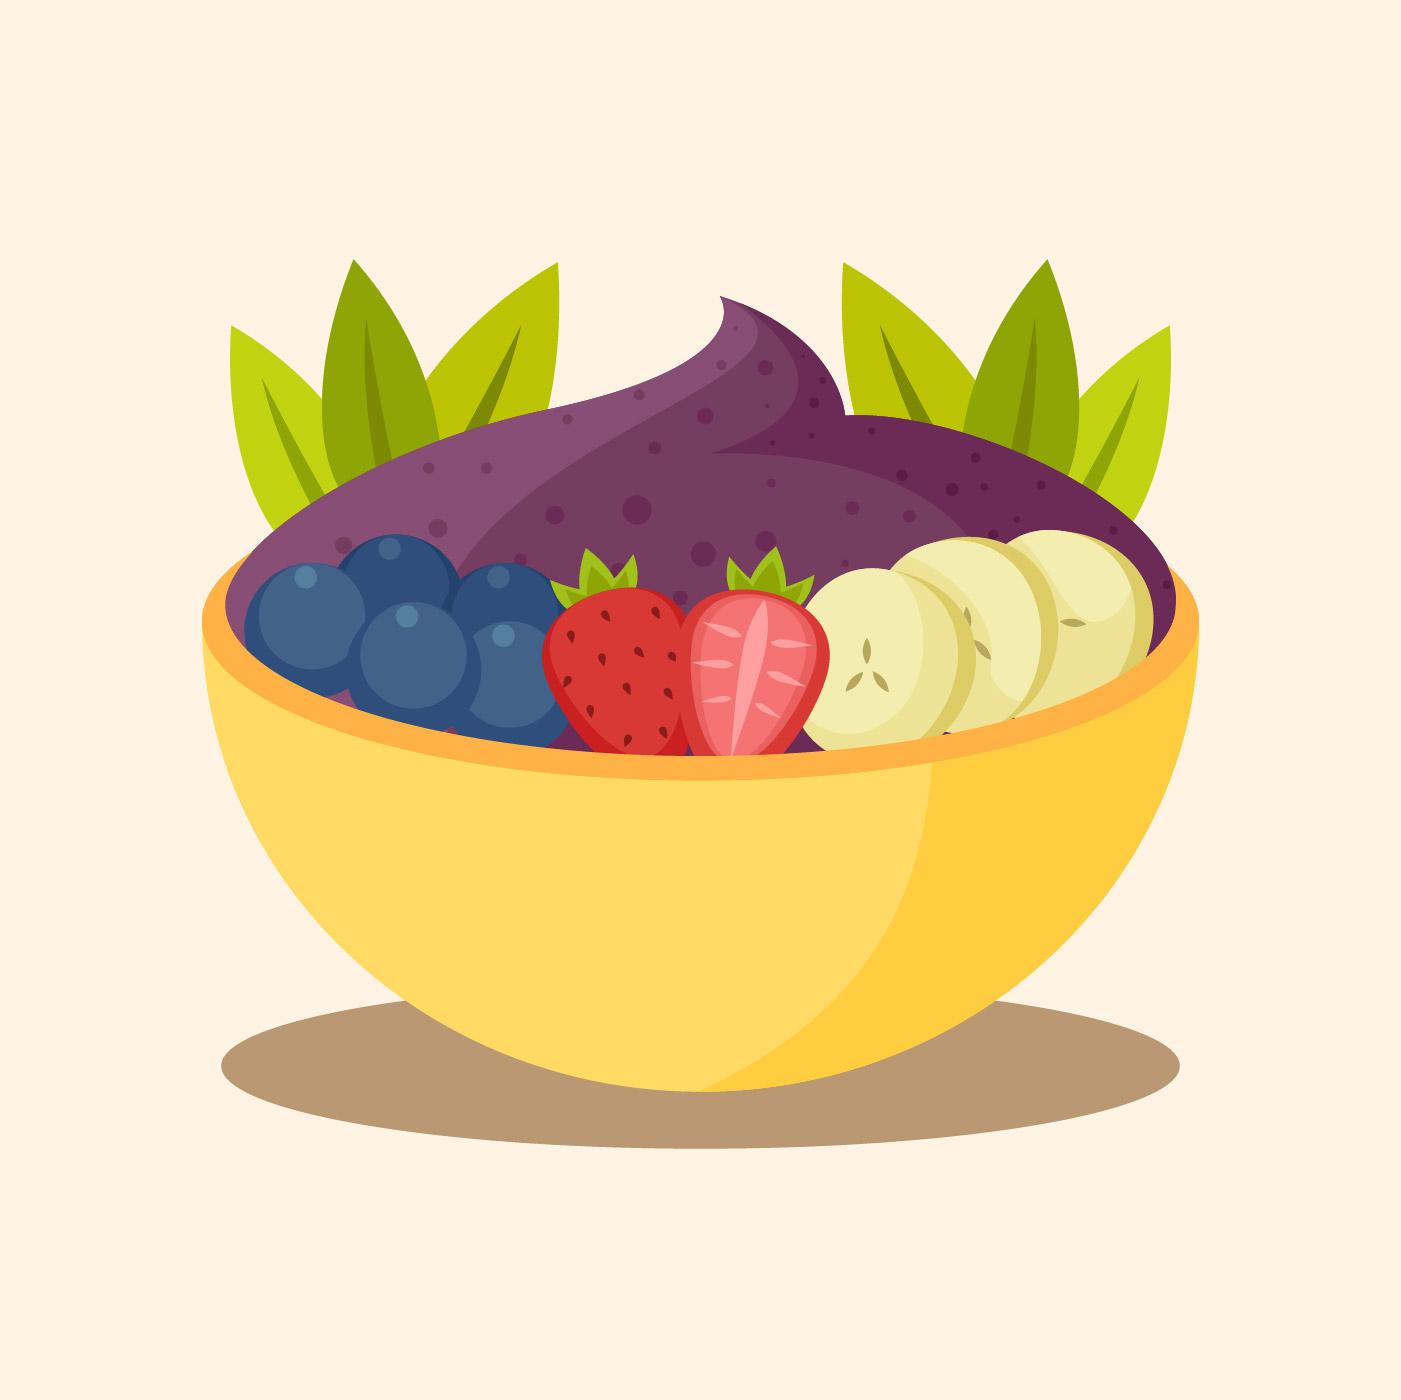 color acai bowl - Download Free Vectors, Clipart Graphics ... (1401 x 1400 Pixel)